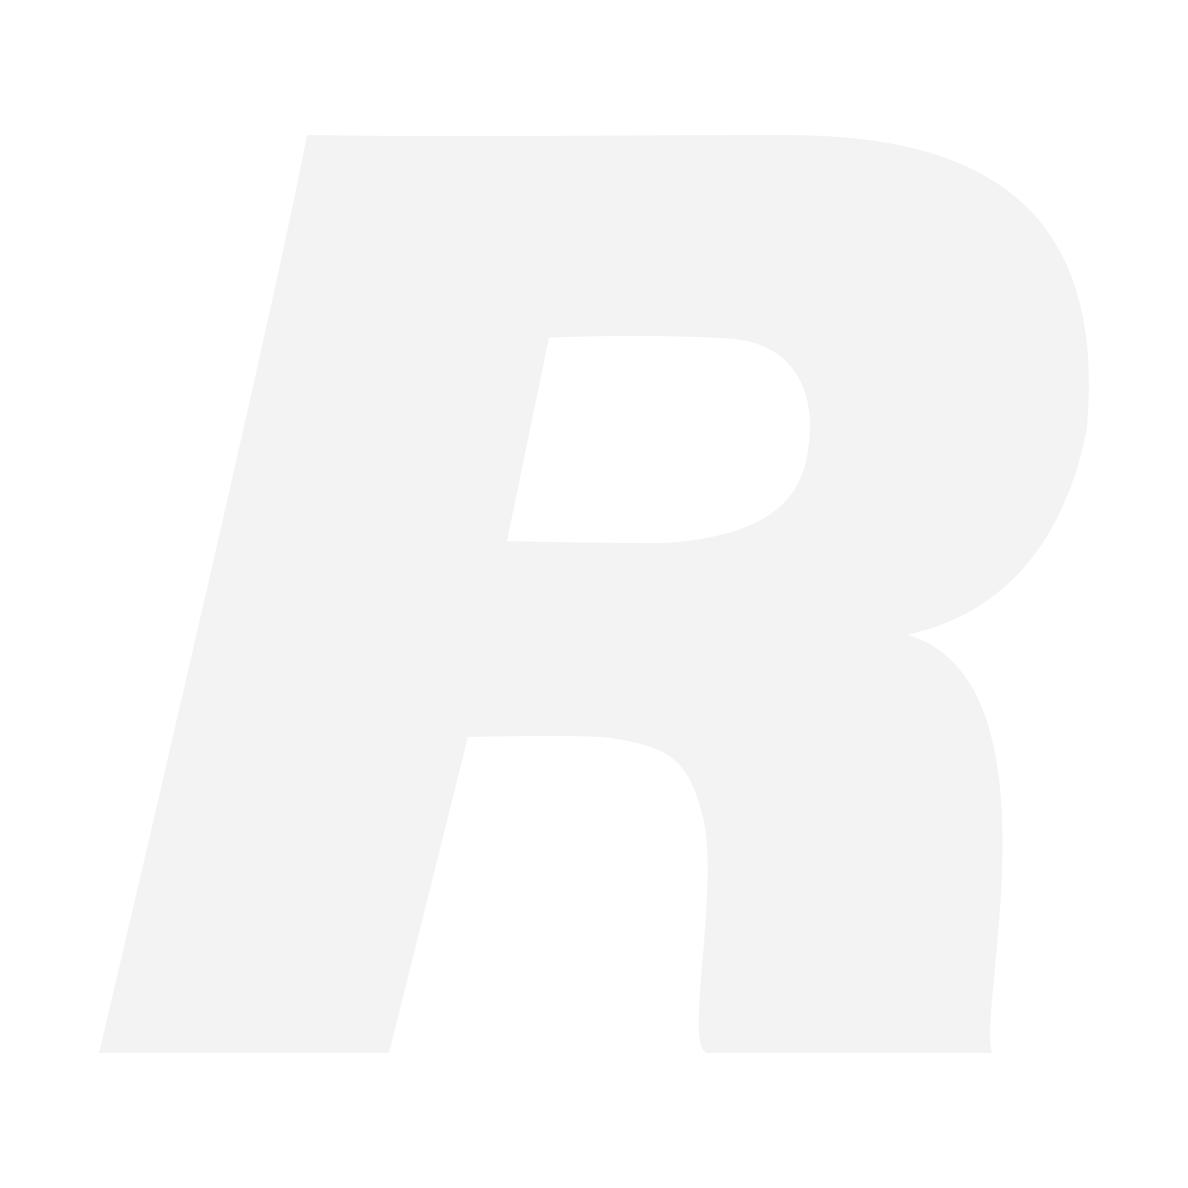 Manfrotto Pixi Evo Mini Tripod, vit (MTPIXIEVO-WH)